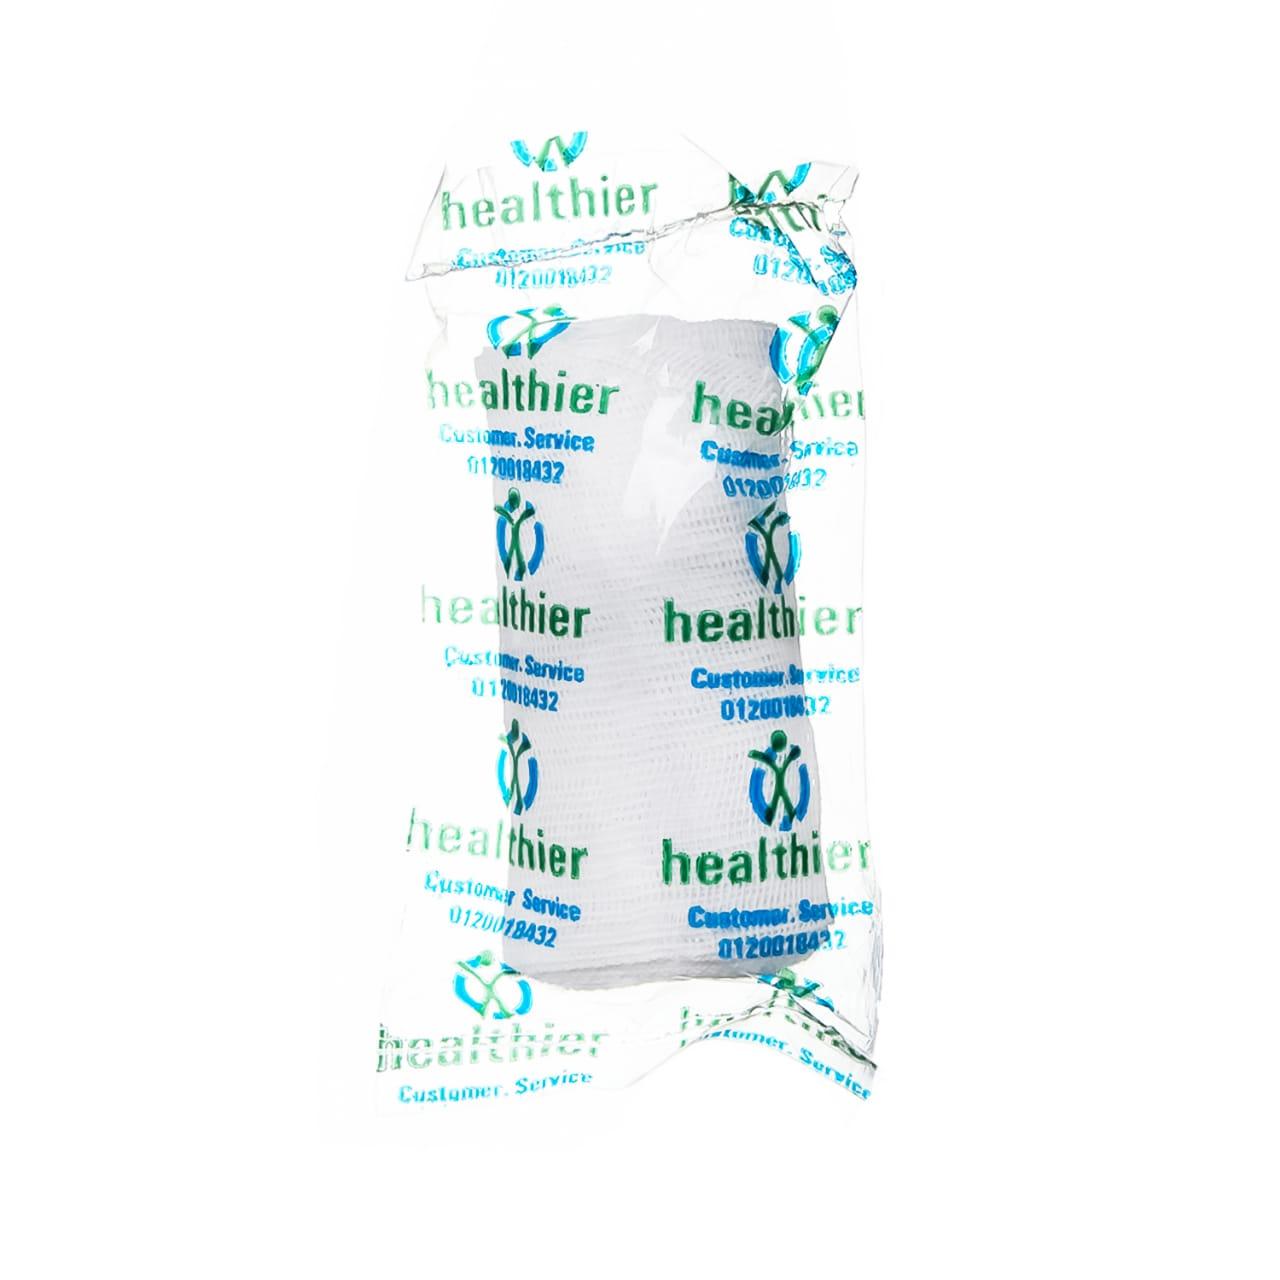 healthier cotton gauze (7cm)